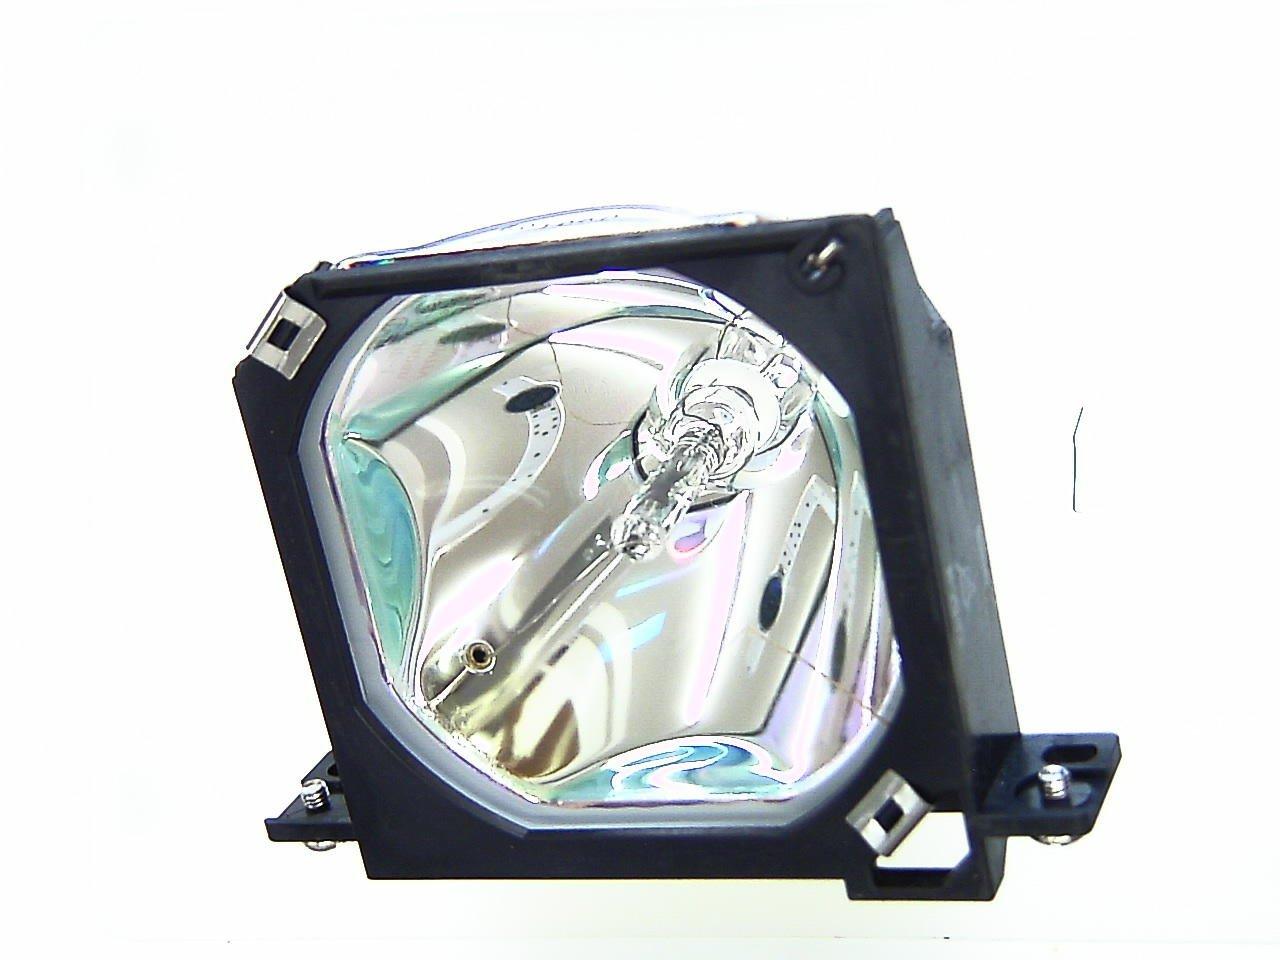 交換用プロジェクターランプ エプソン V13H010L08, ELPLP08 B00PB4MA62